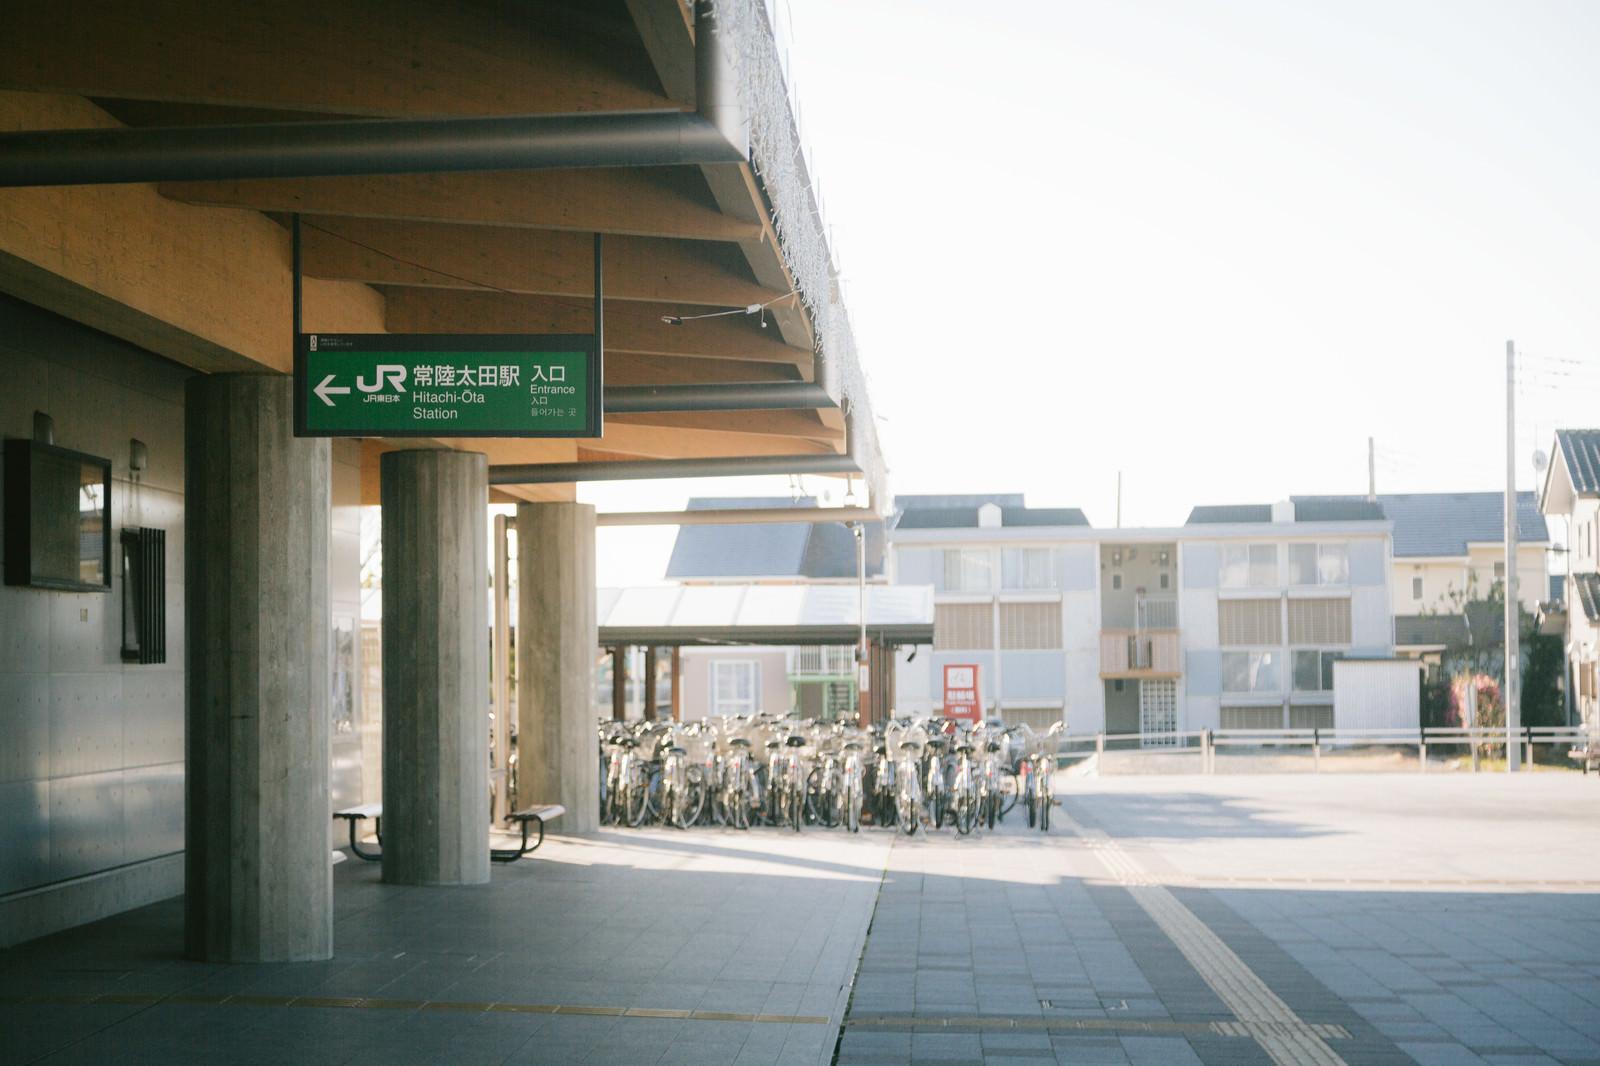 「常陸太田駅前(入口)常陸太田駅前(入口)」のフリー写真素材を拡大